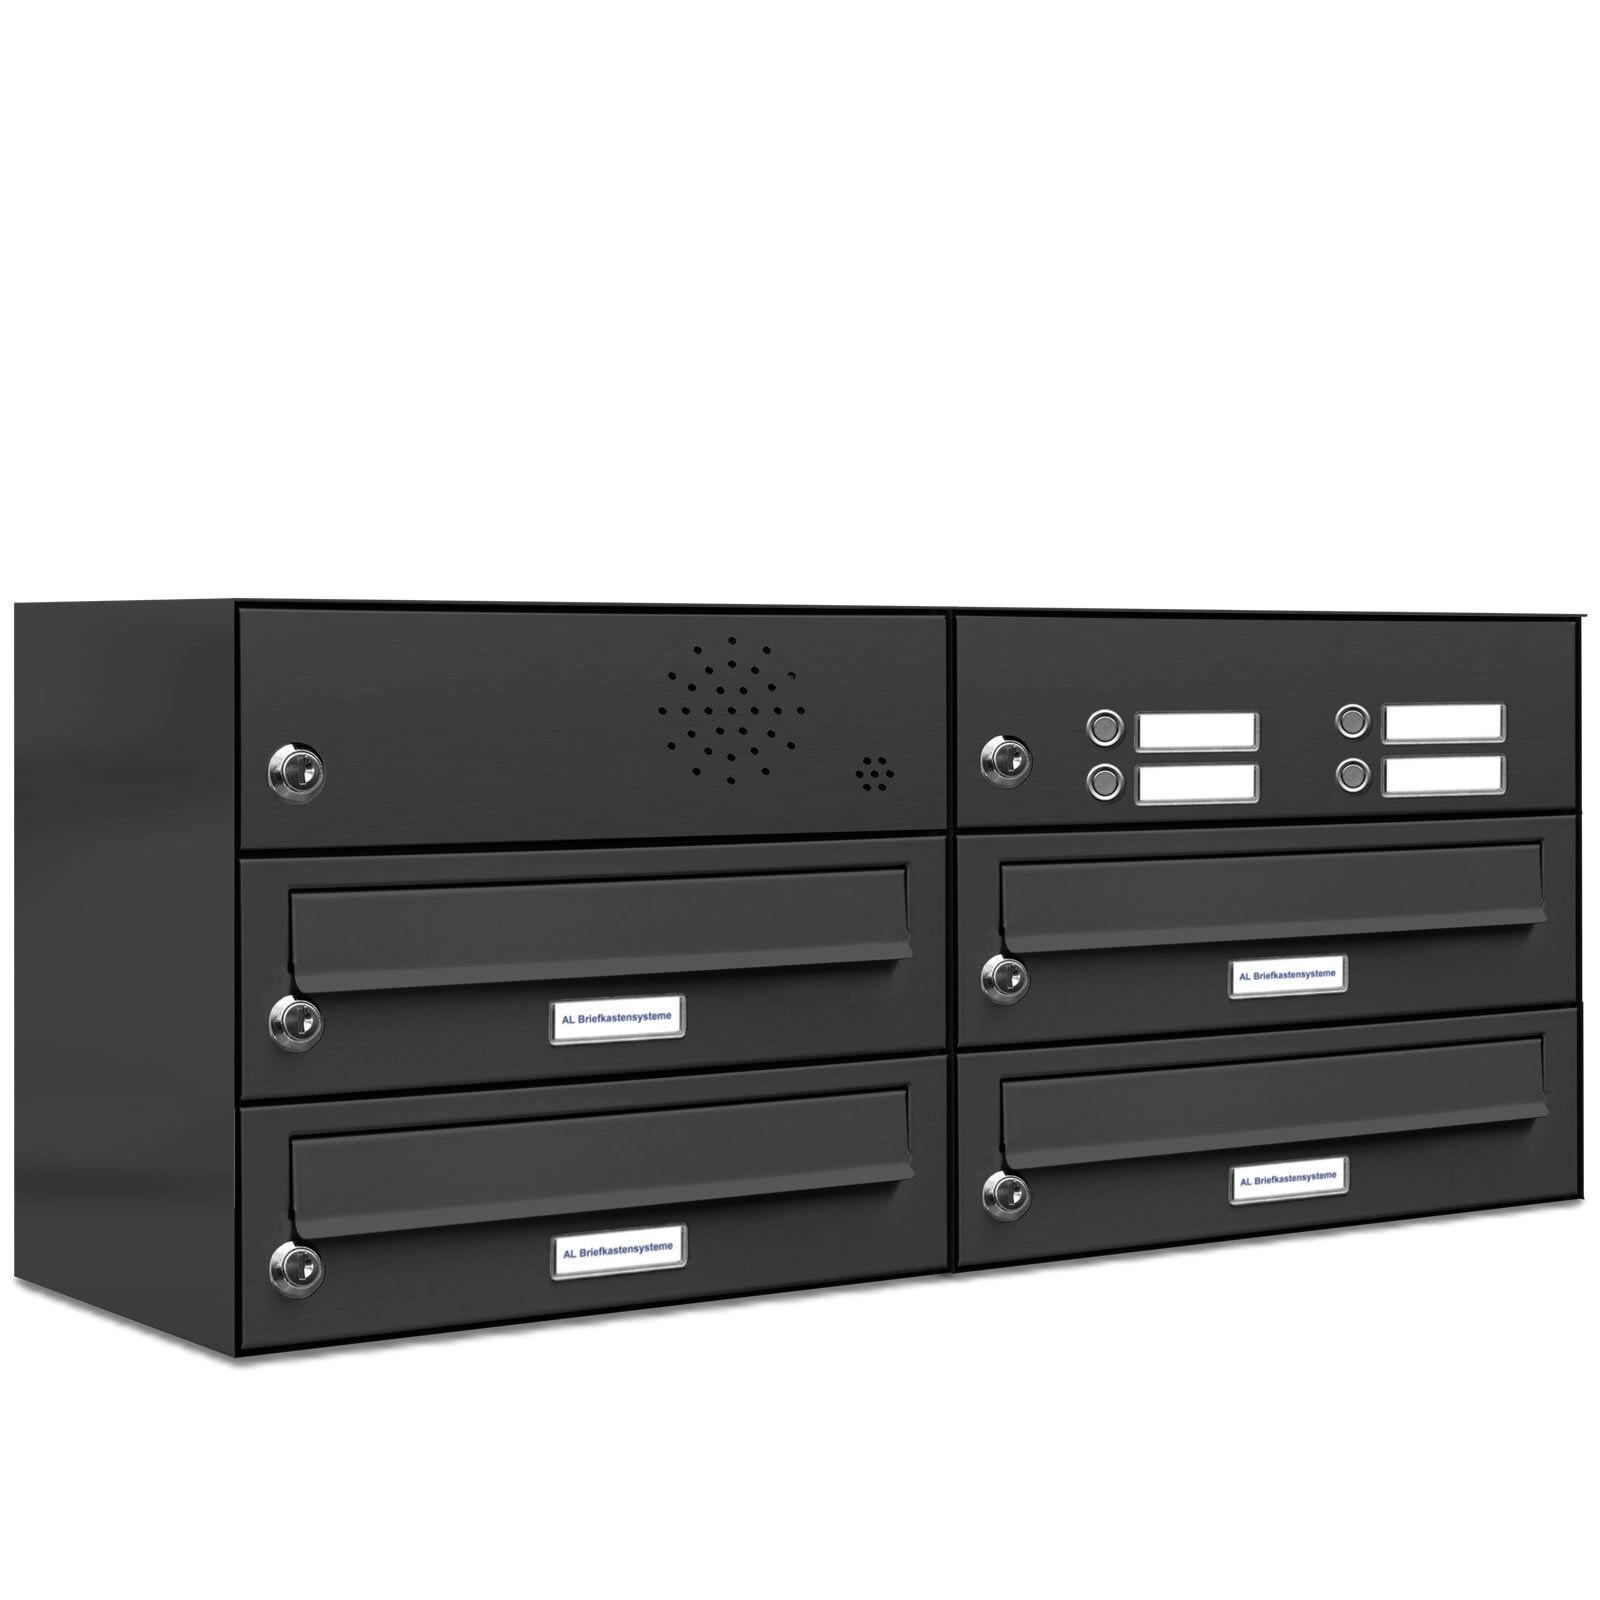 4 er Premium Briefkasten Anlage mit Klingel Klingel Klingel 4 Fach Postkasten Anthrazit 7016 a5b0f9